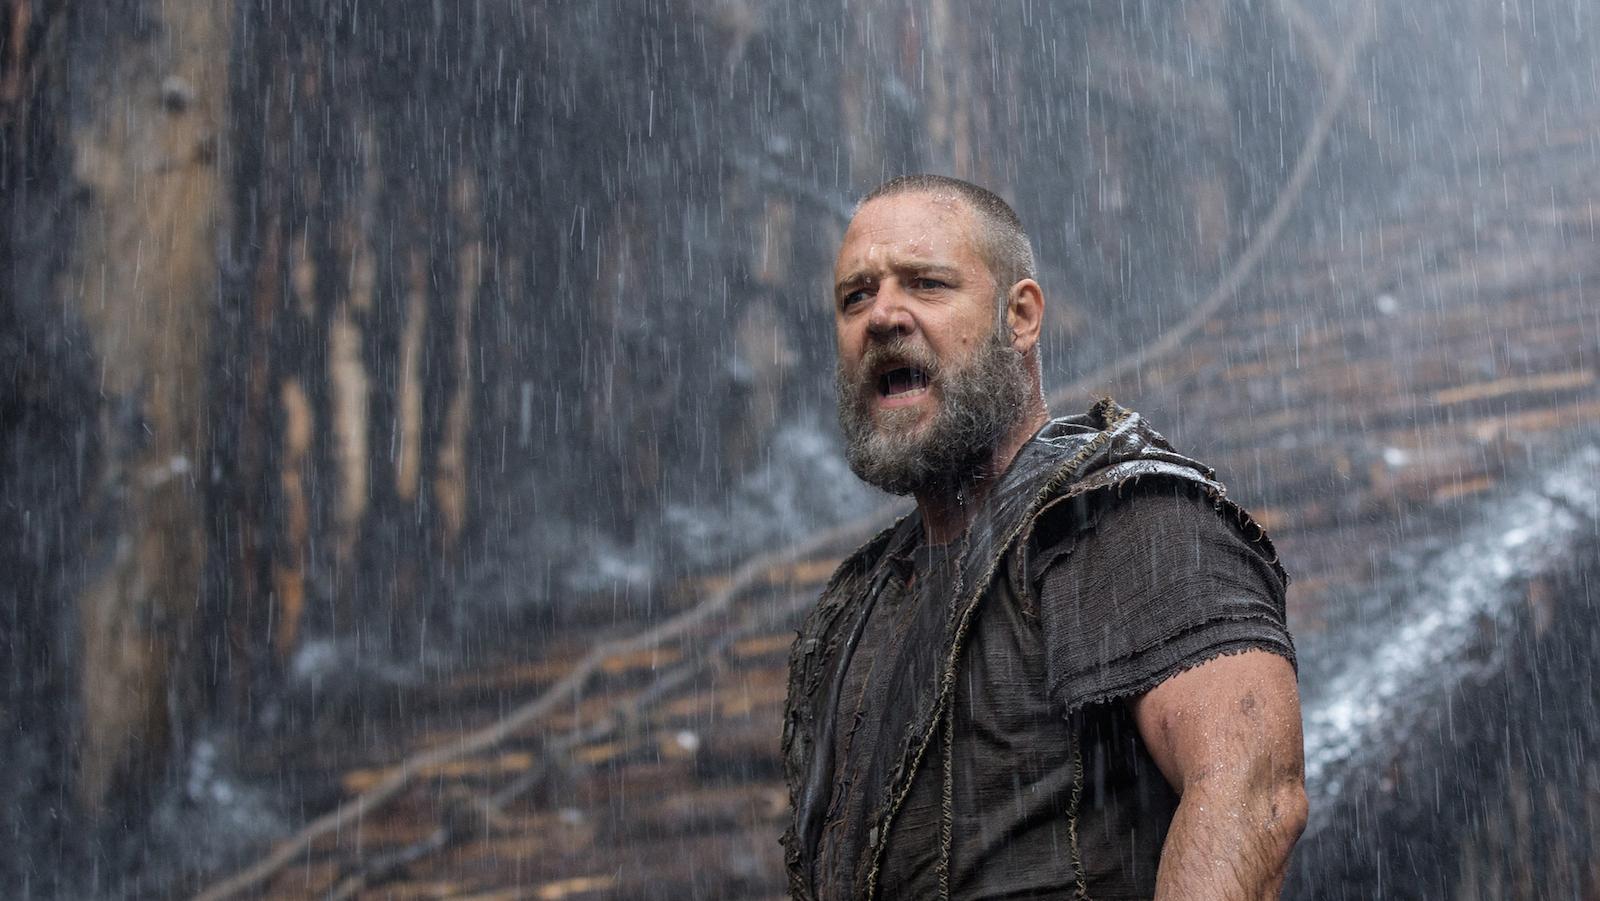 Russell Crowe in 'Noah'